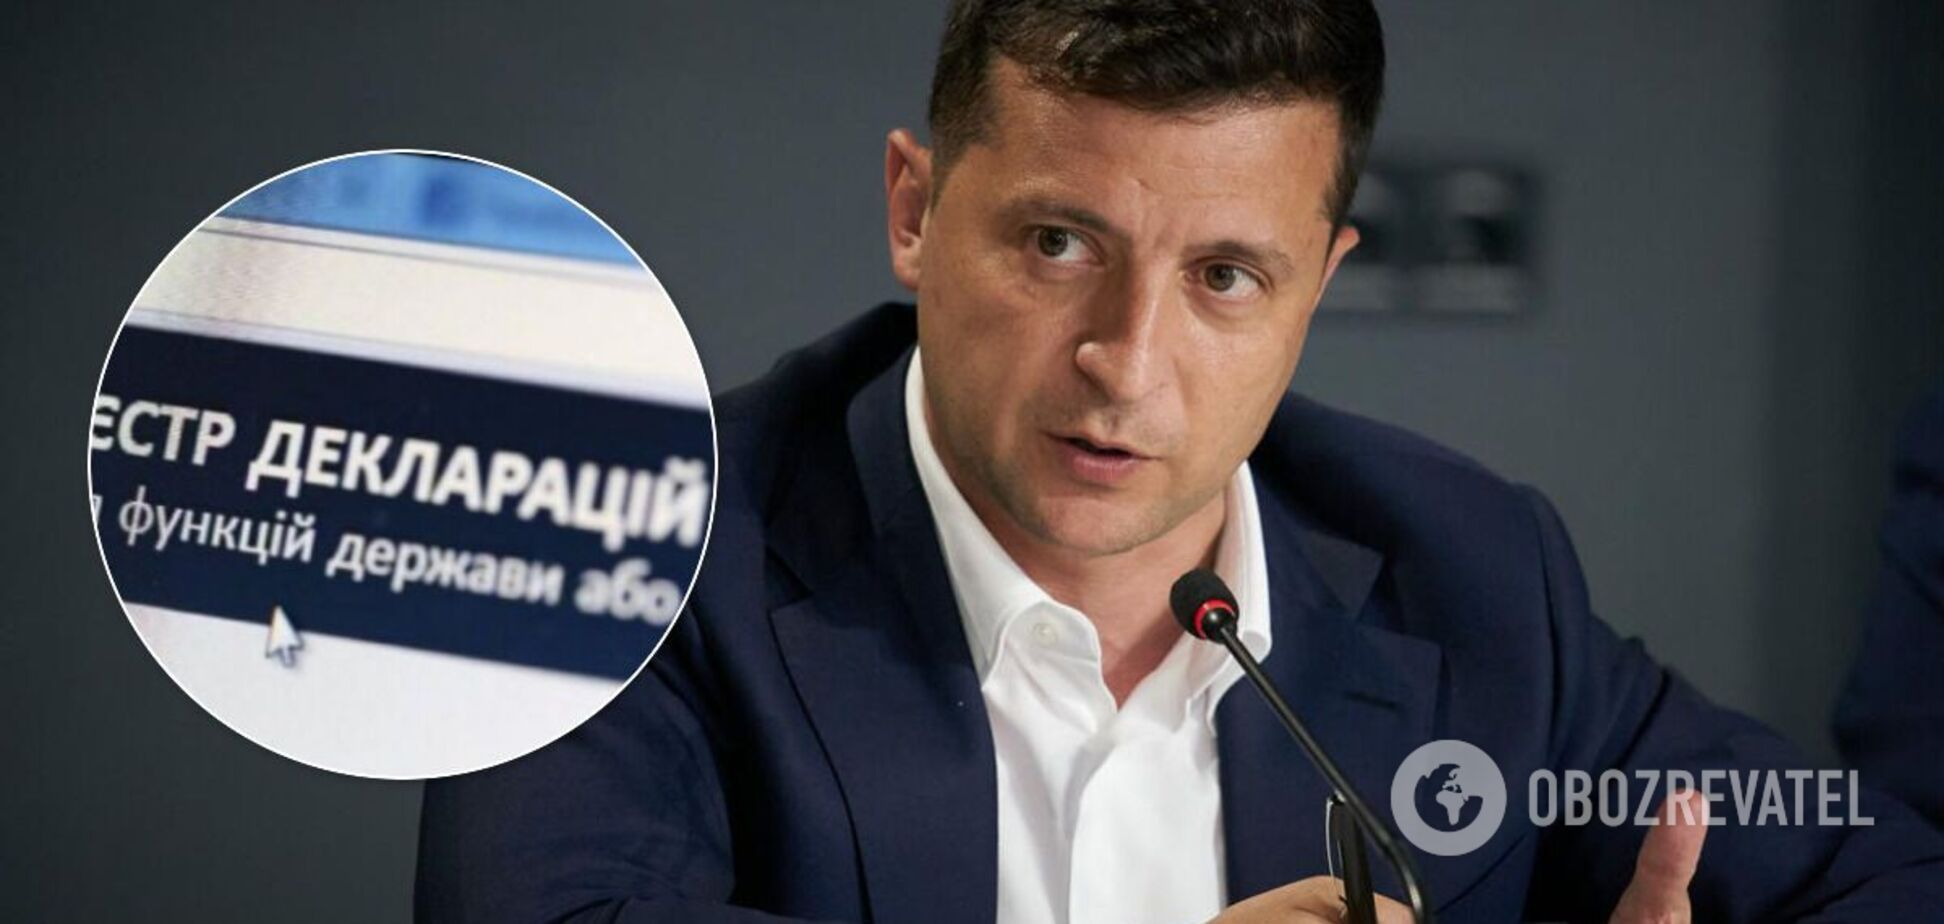 Зеленский подписал закон об уголовной ответственности за ложь в декларациях